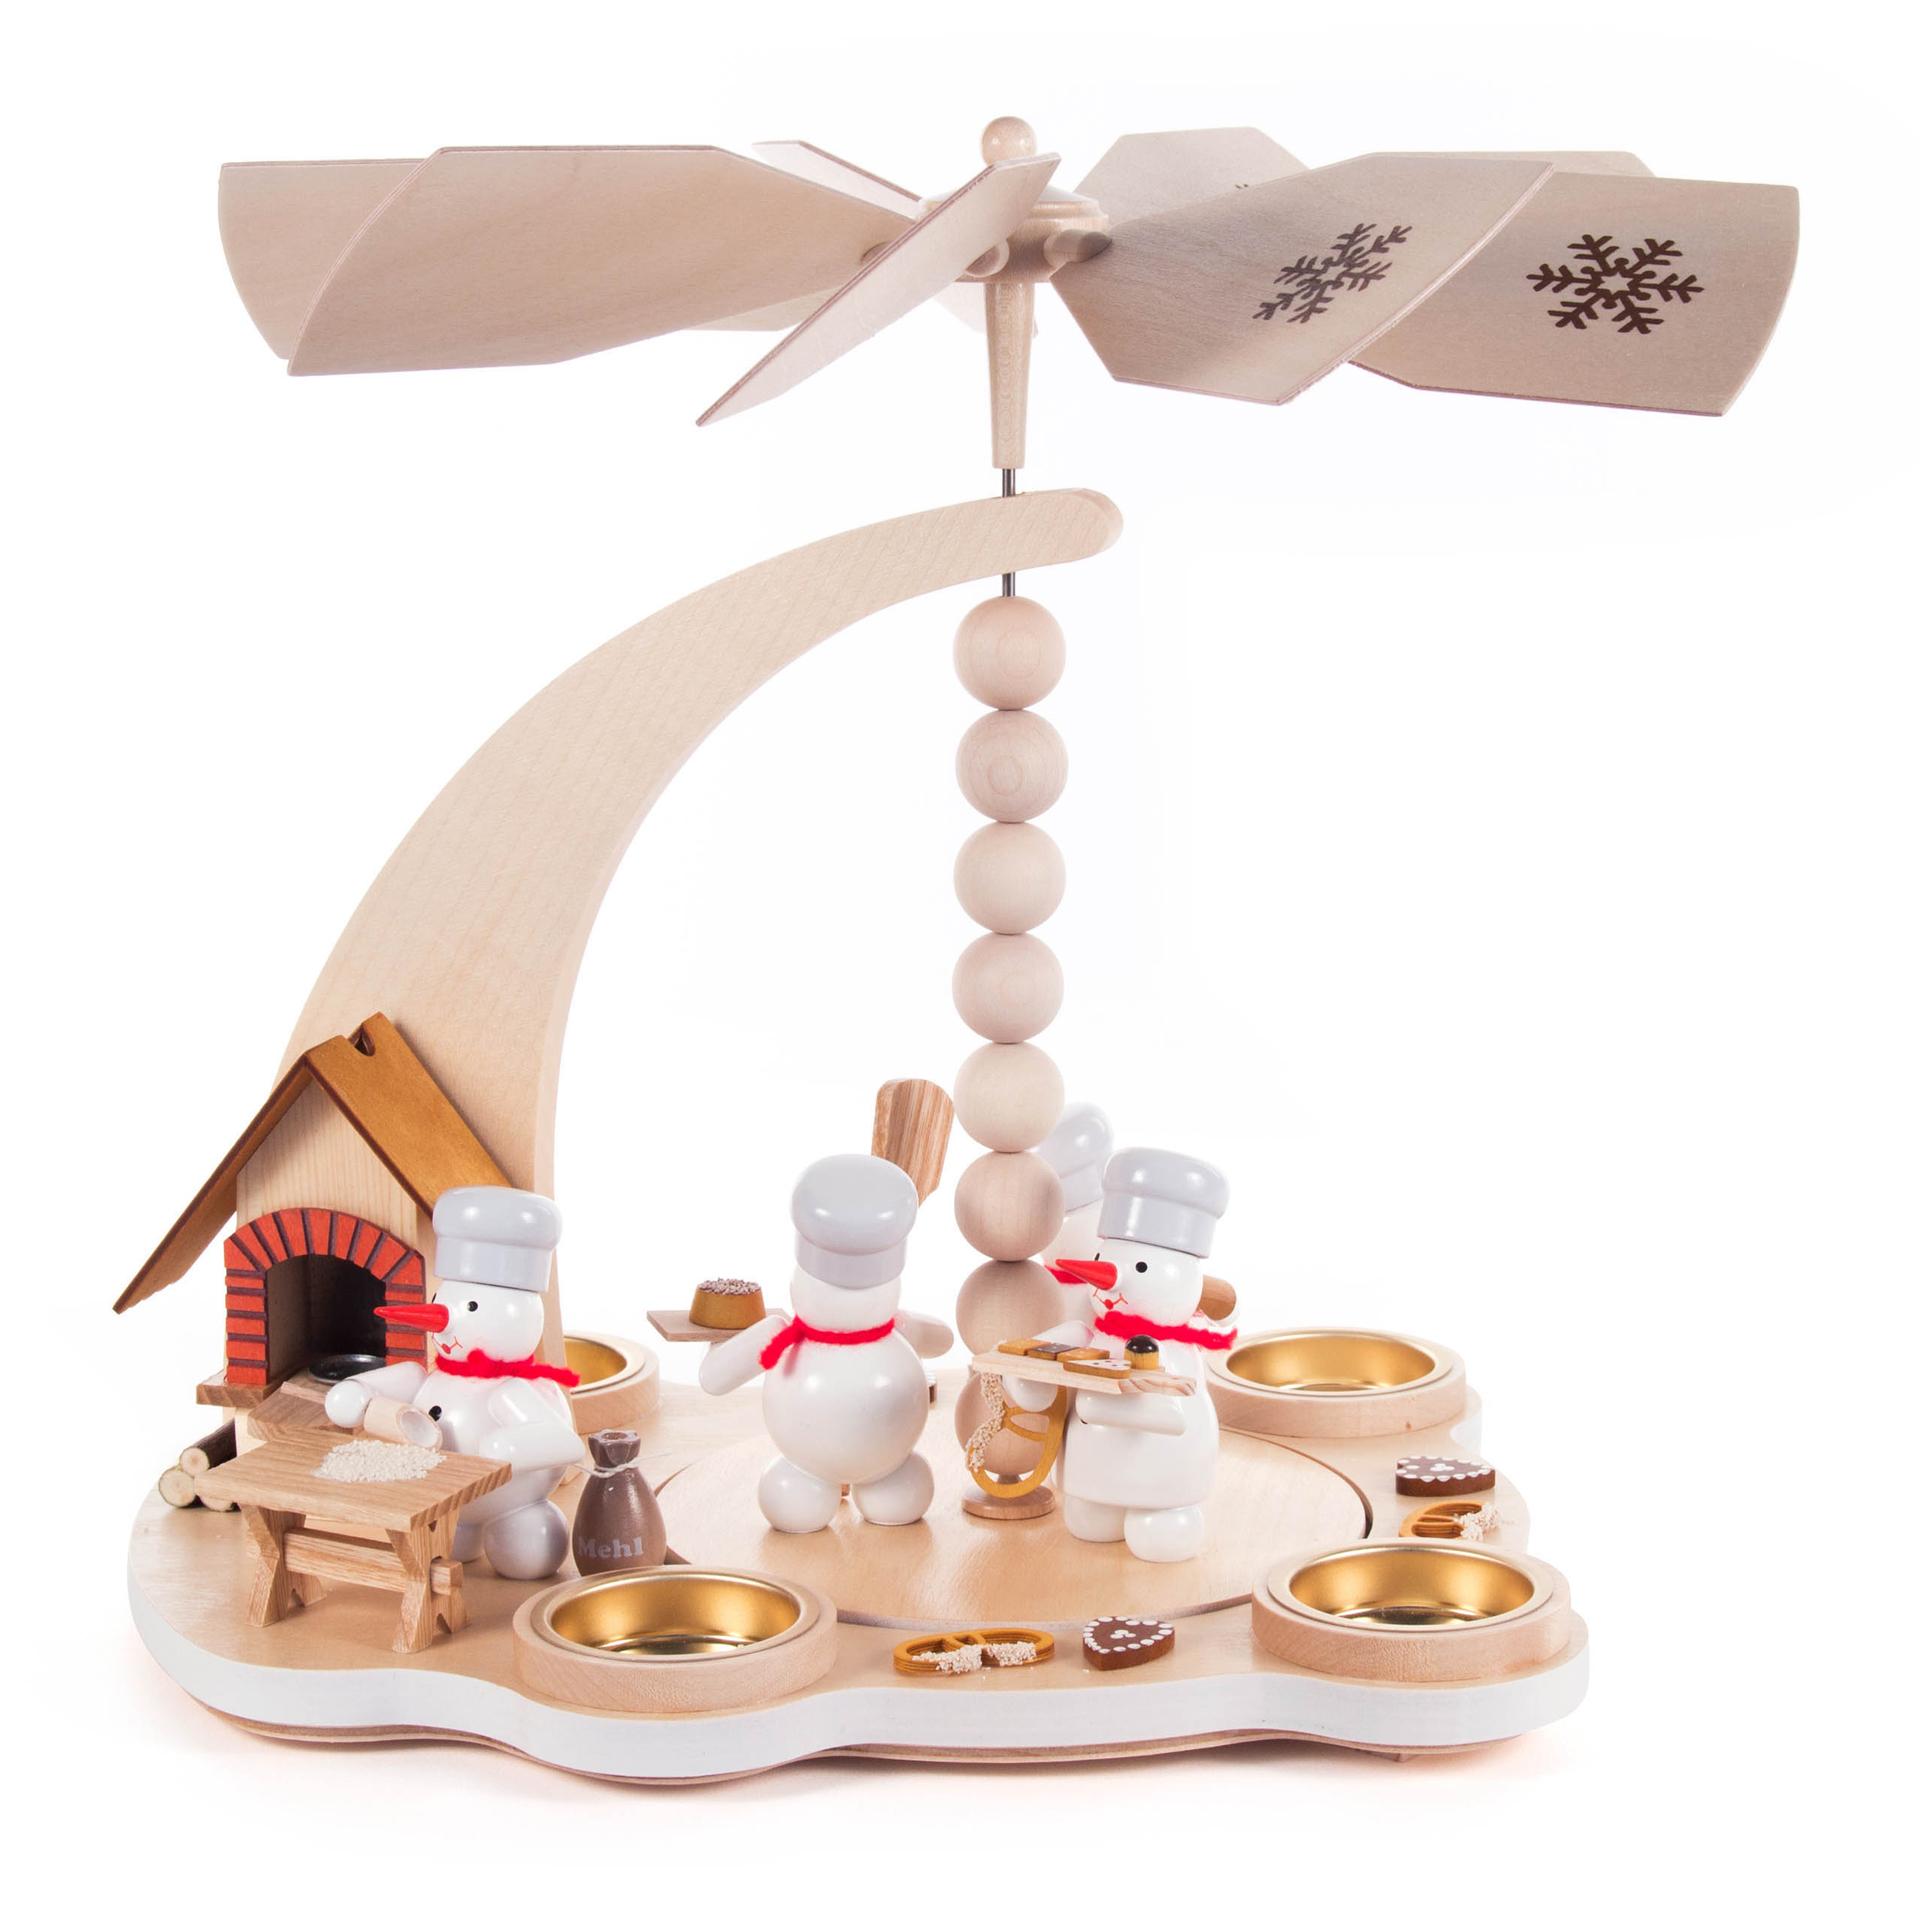 Pyramide Schneemann-Weihnachtsbäckerei, für Teelichte/mit Rauchofen